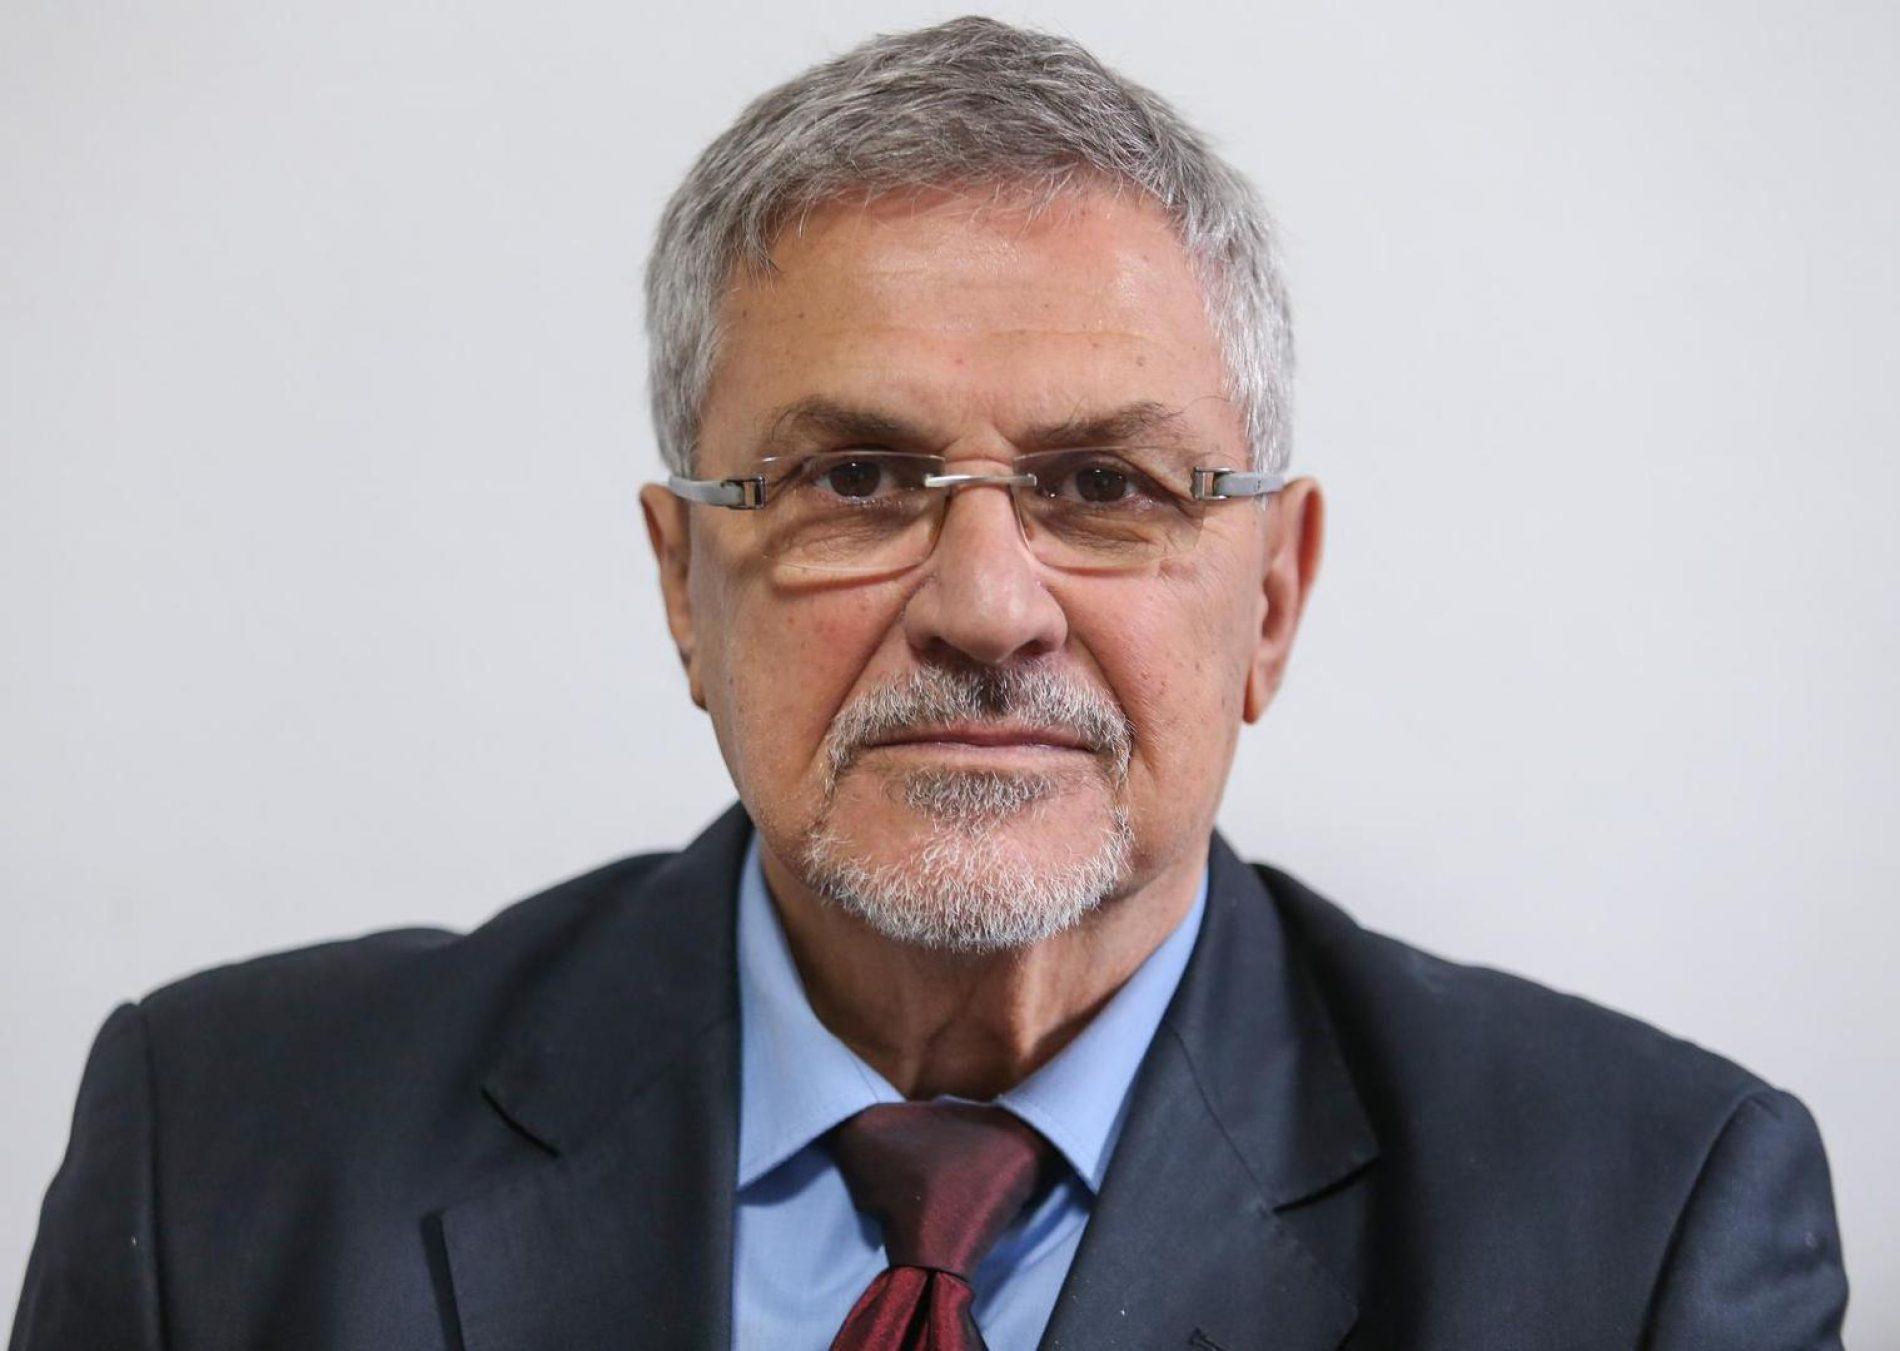 Desetine milijardi! Pravnik Tabaković najavljuje pravnu borbu za naplatu dugovanja od susjeda